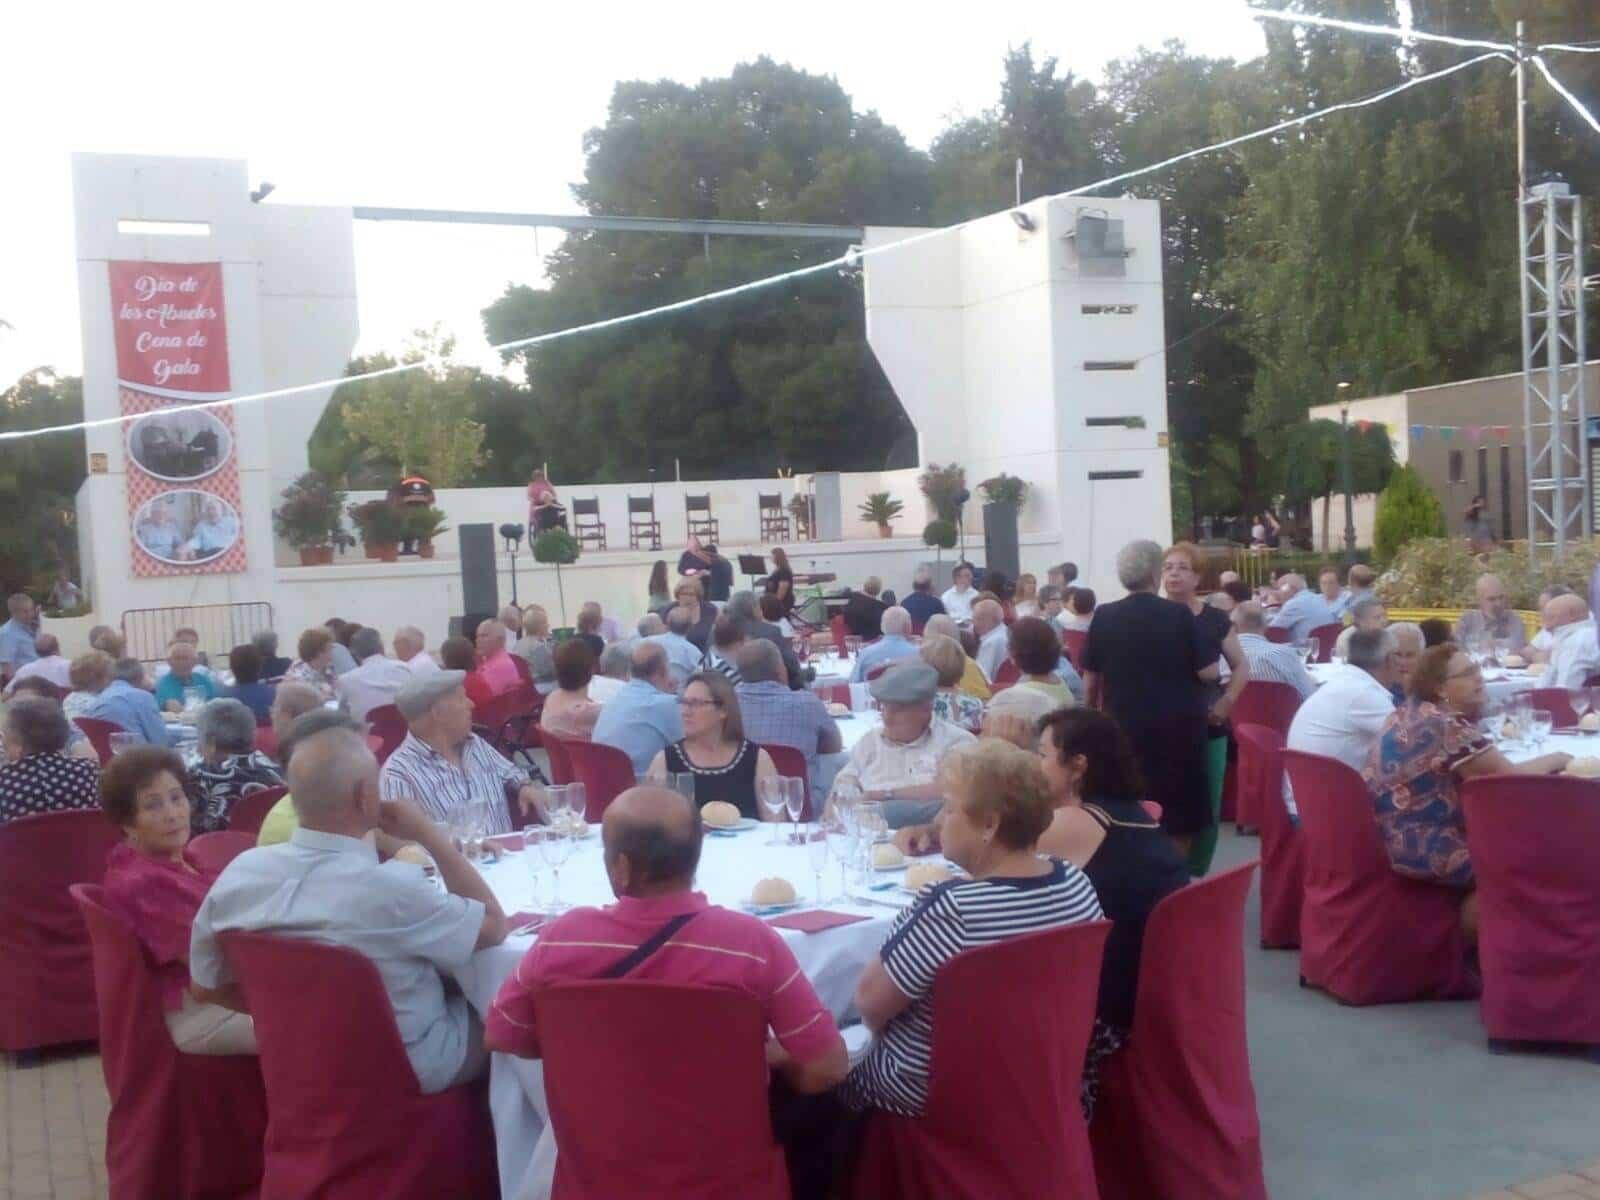 Encuentro de mayores de Herencia09 - Más de 300 personas en la I Cena de Gala del Día de los Abuelos